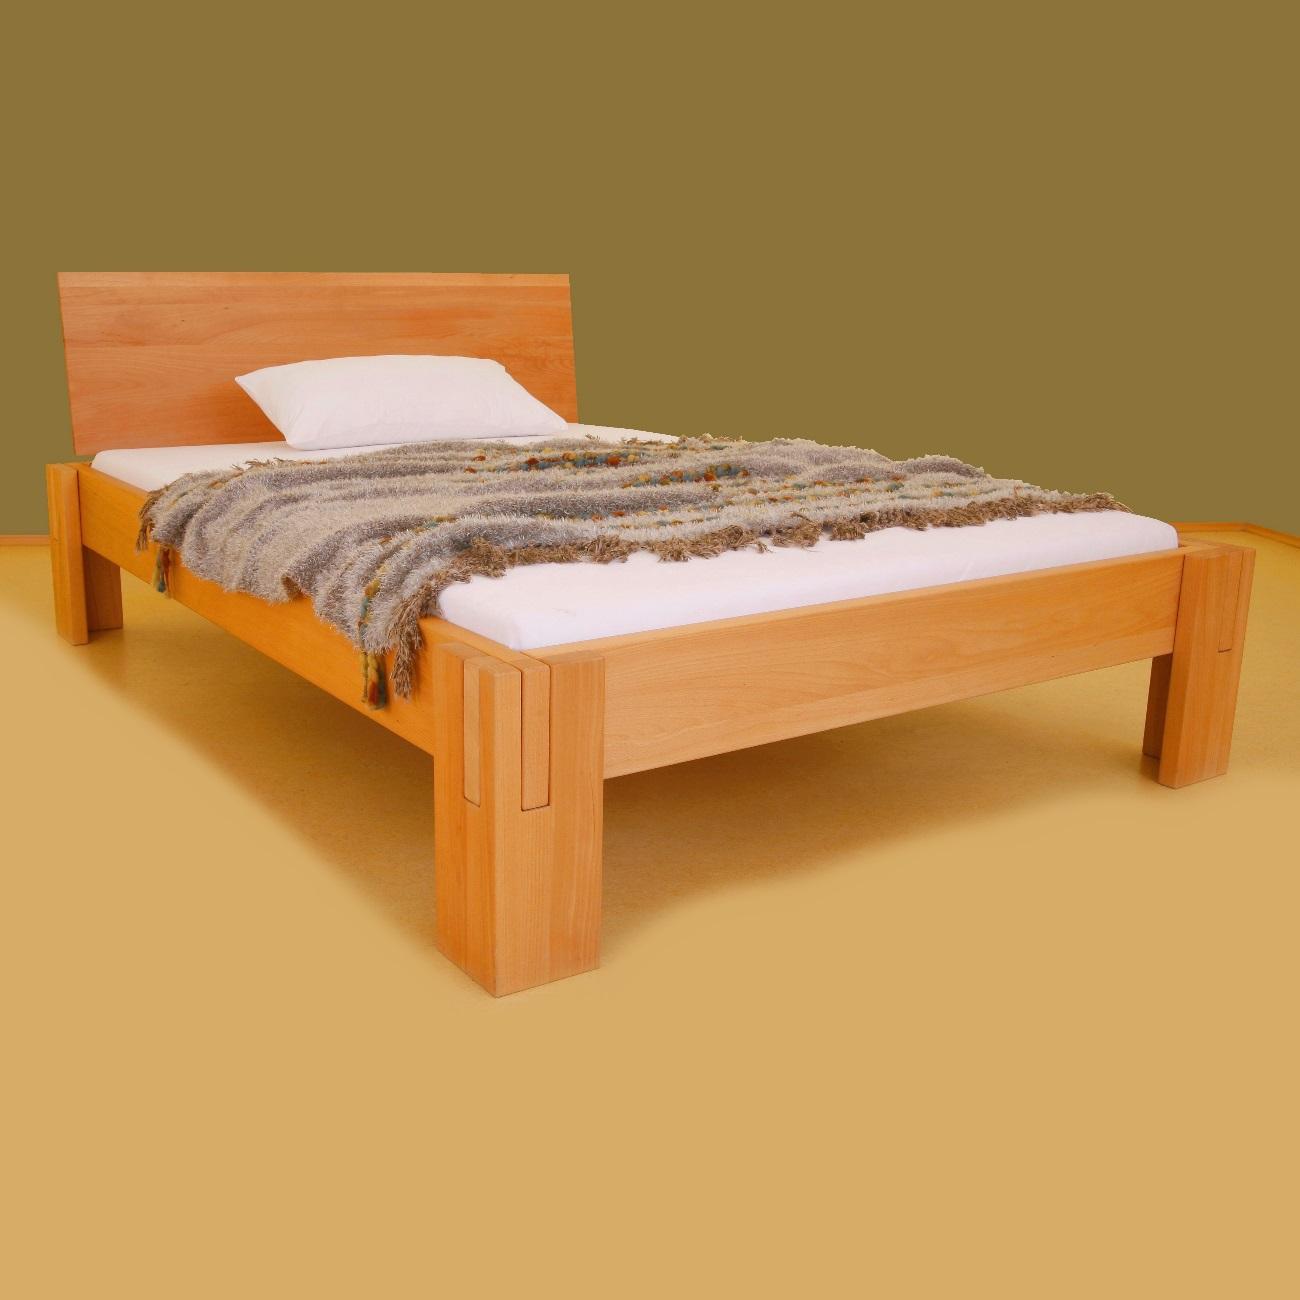 Stabiles Massives Bett Für übergewichtige Und Sehr Große Personen